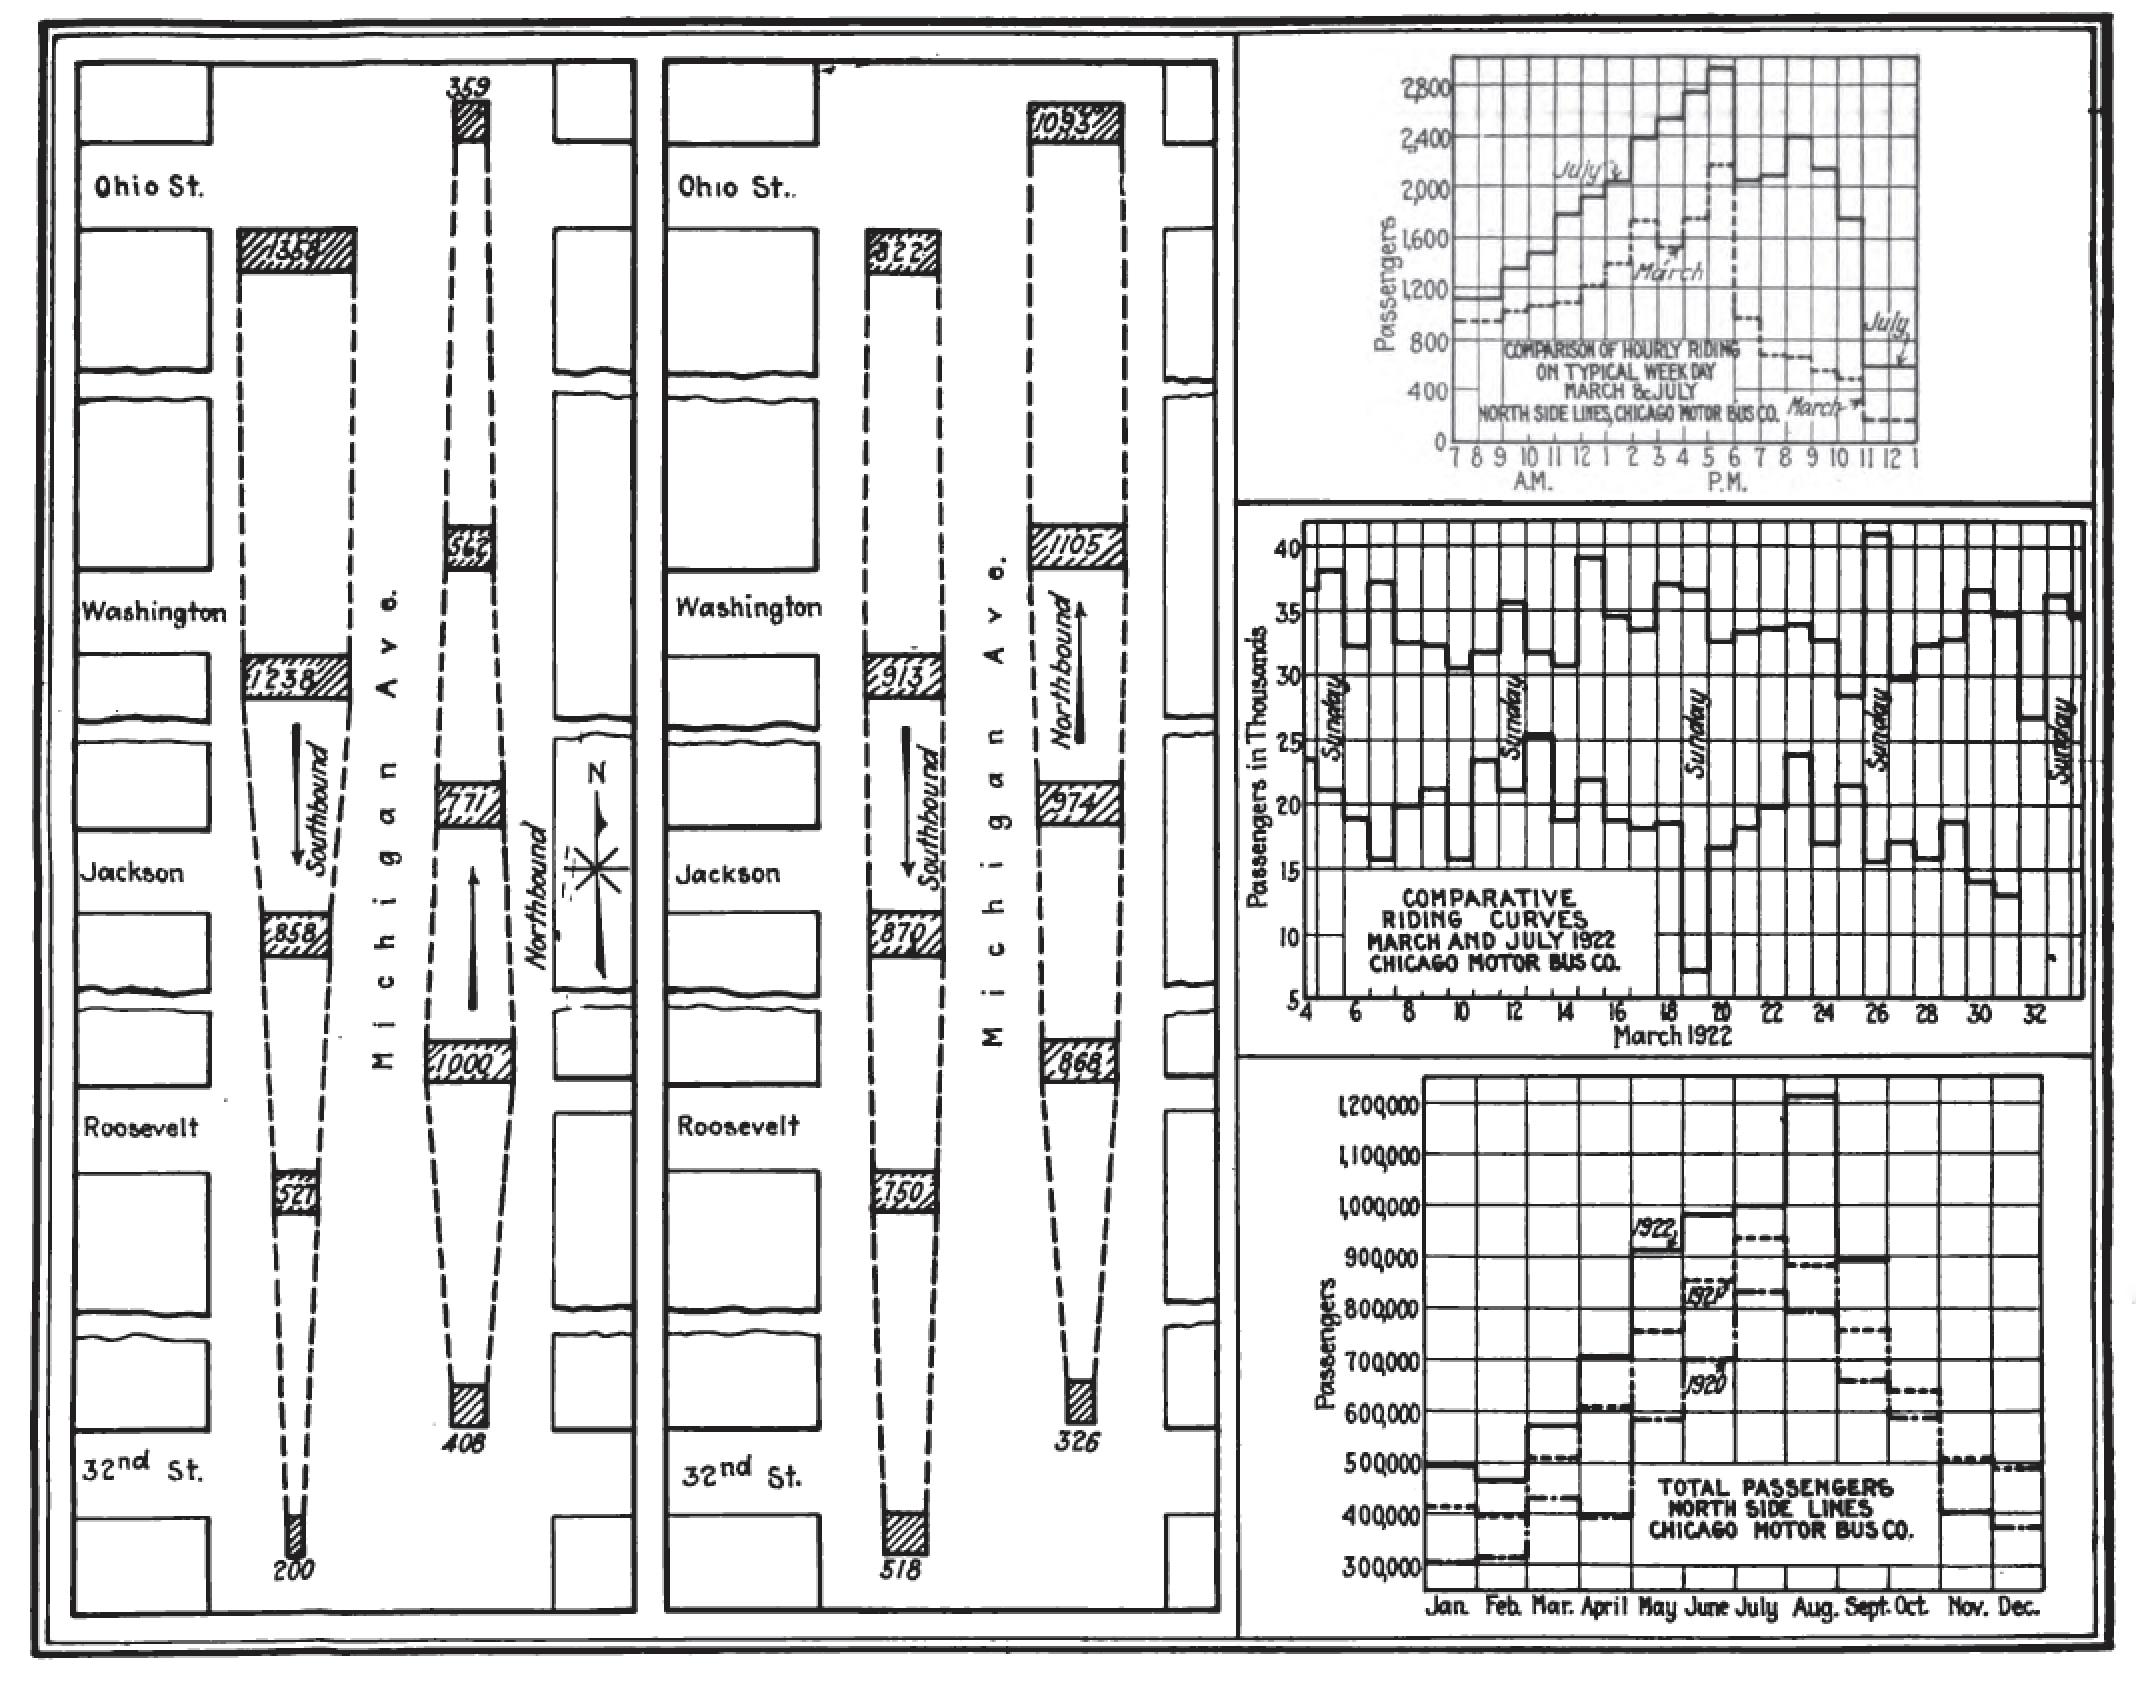 Passenger Elevator Wiring Diagram Tao Wiring Diagrams